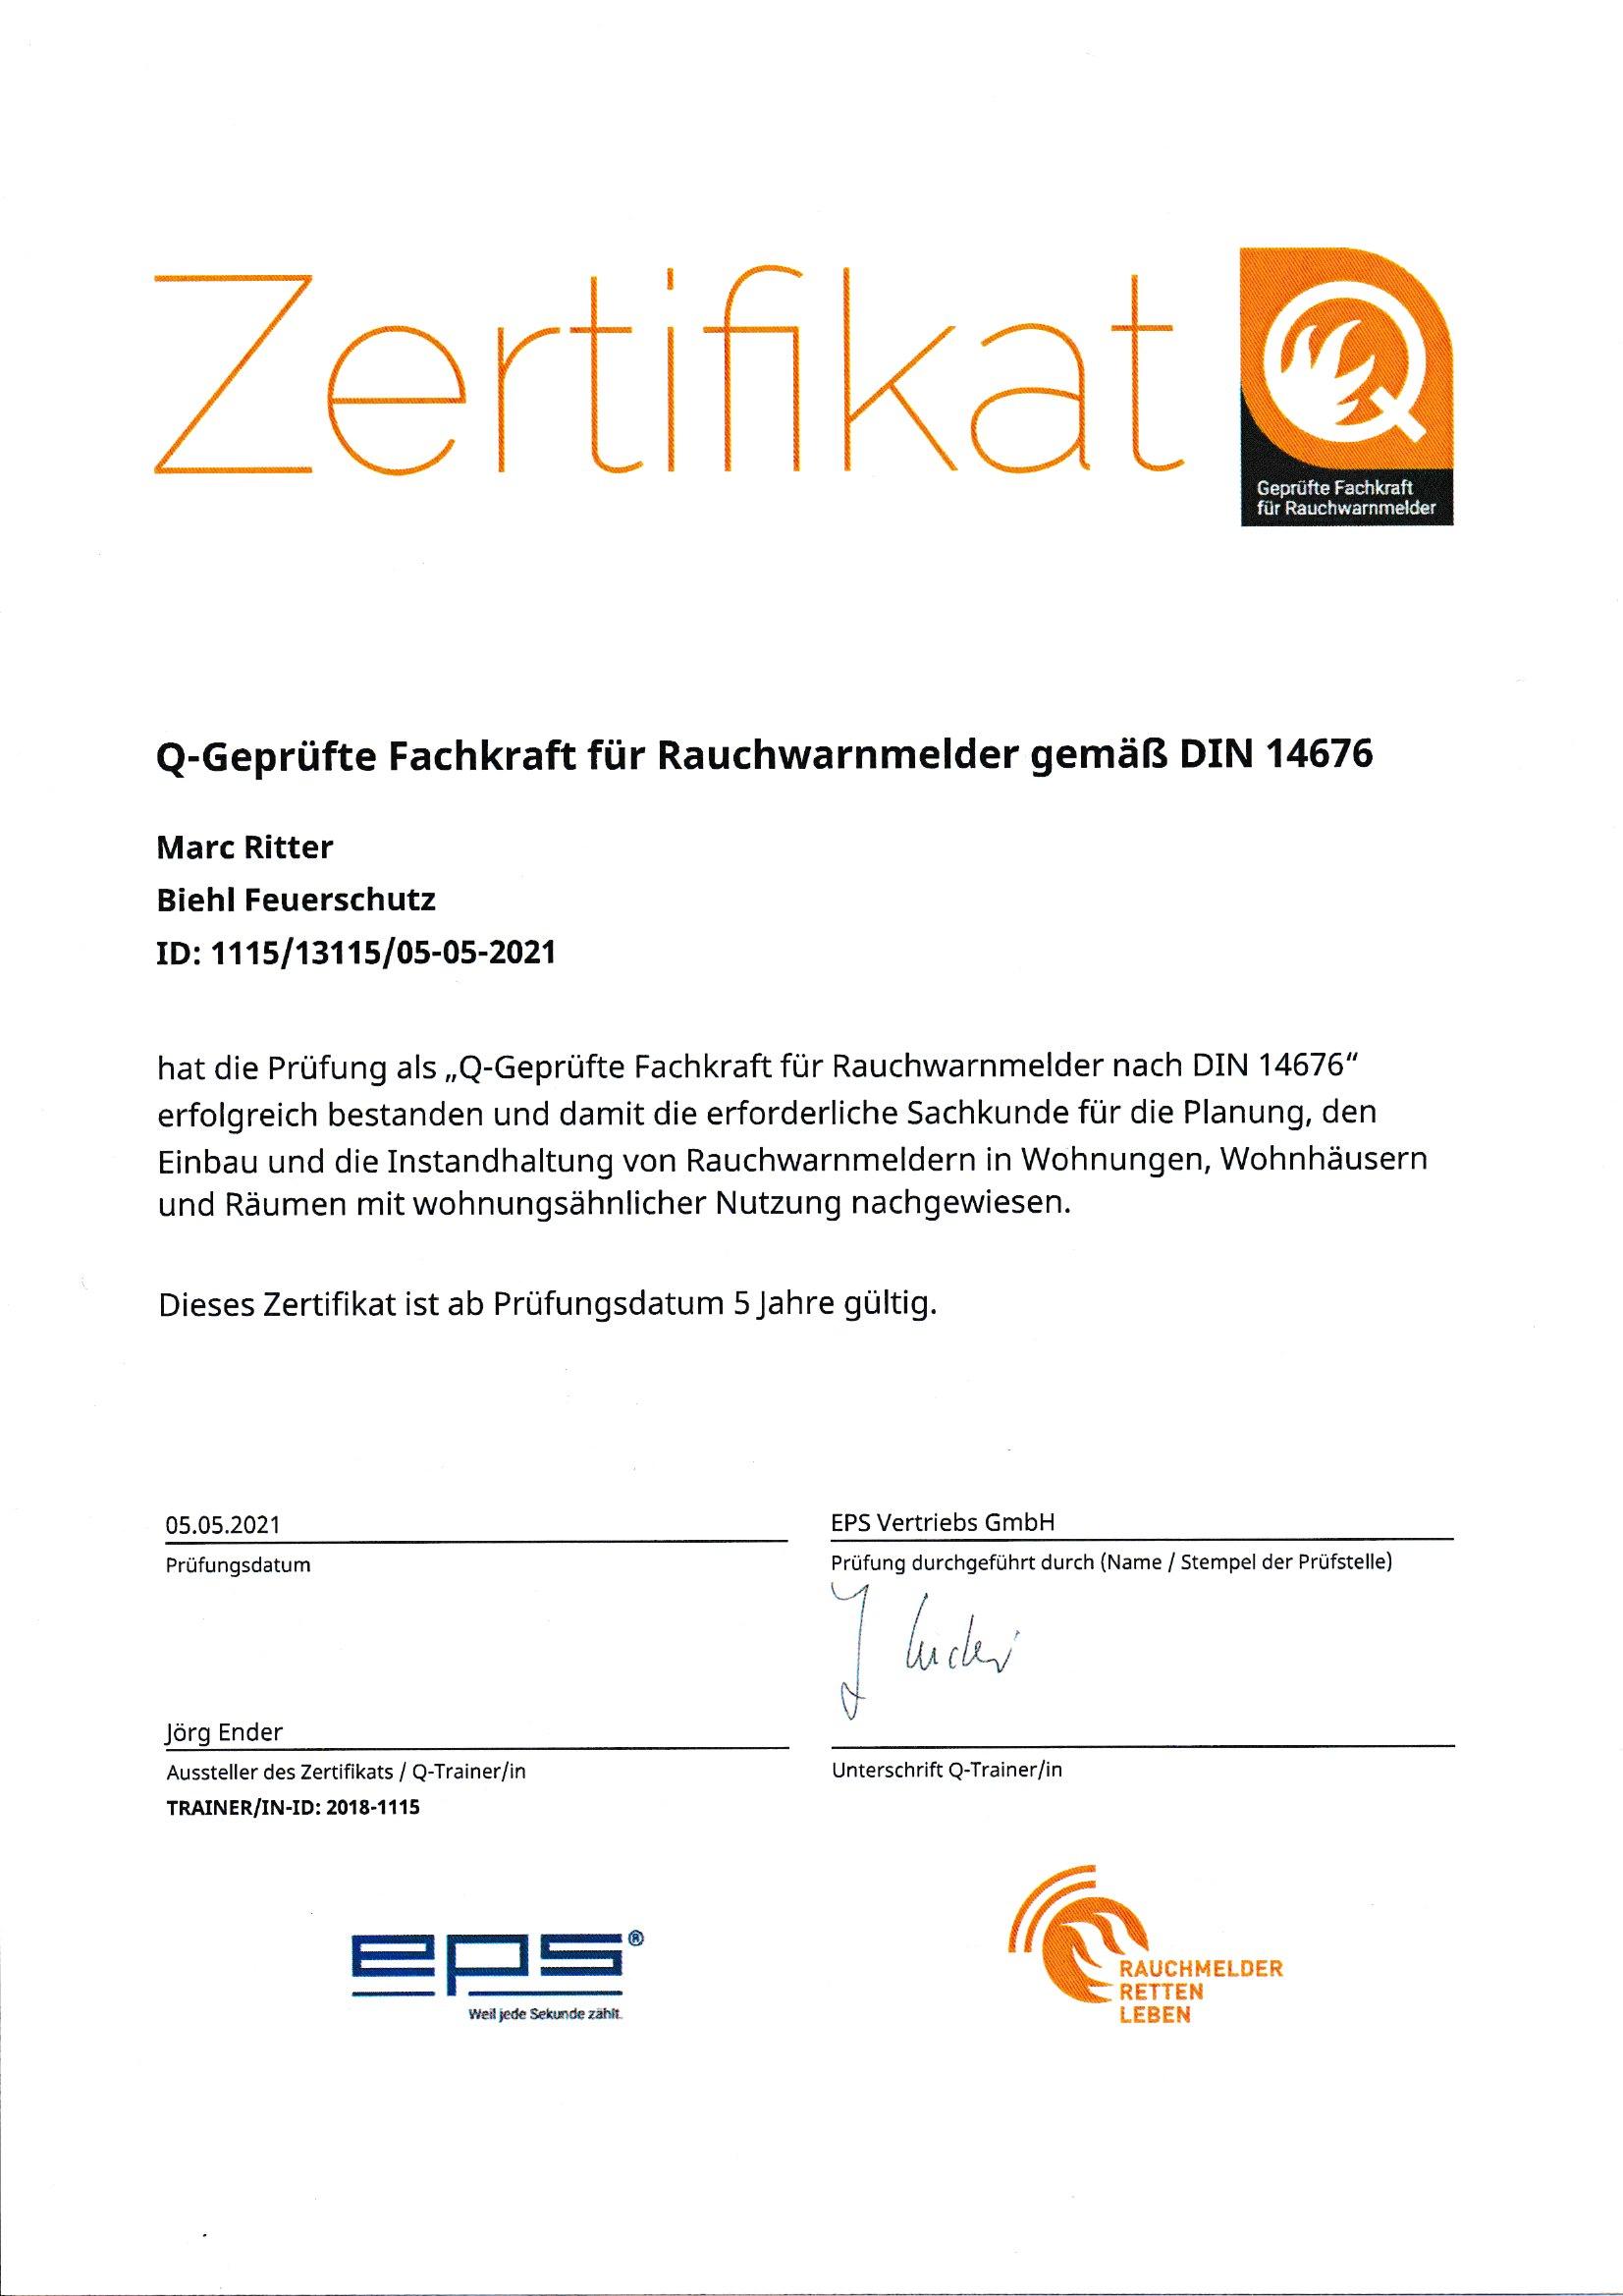 Zertifikat Q